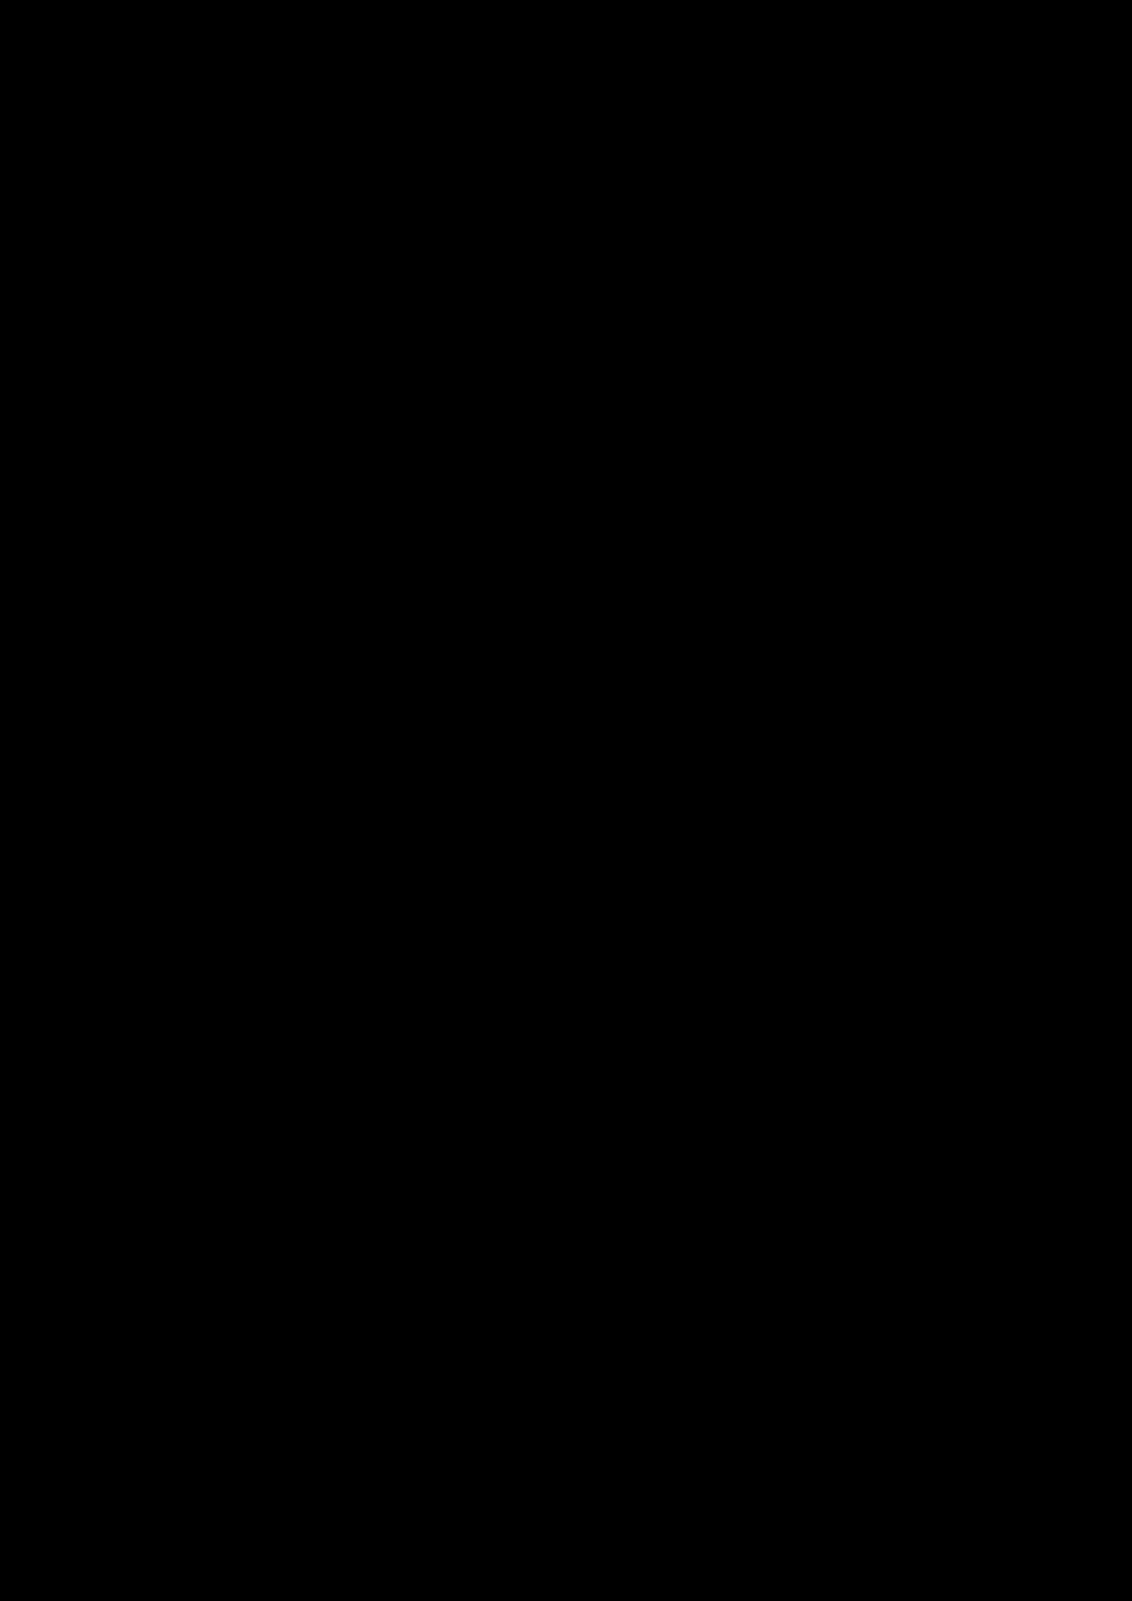 Serdtse slide, Image 67